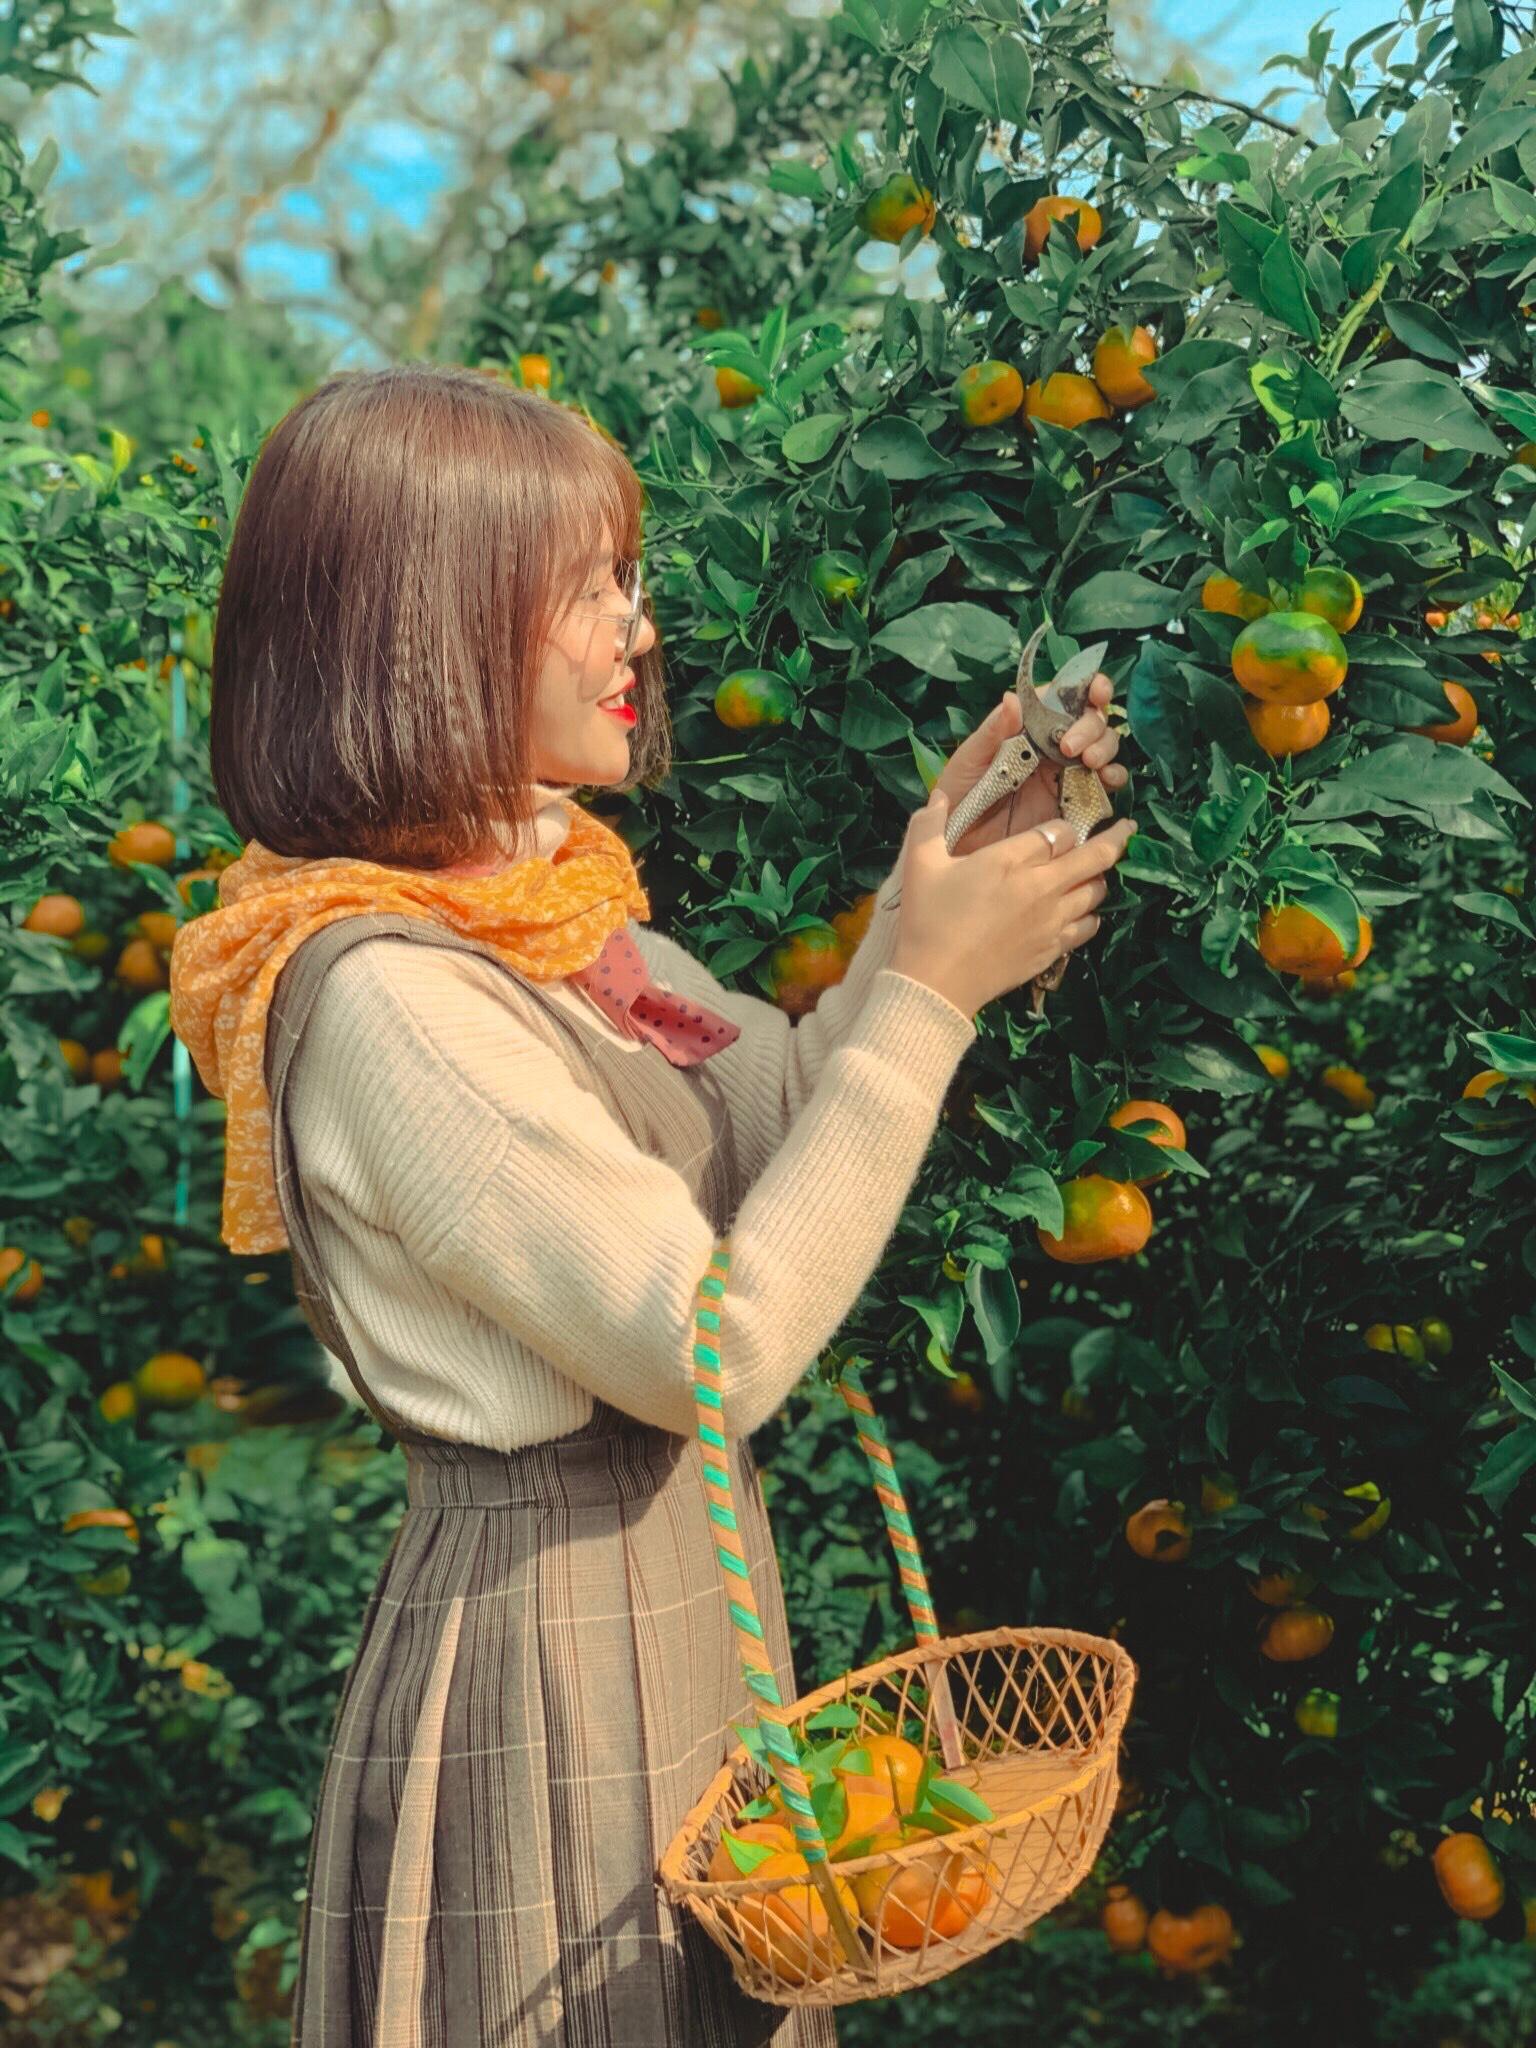 Hóa thân thành cô nông dân đang thu hoạch quả